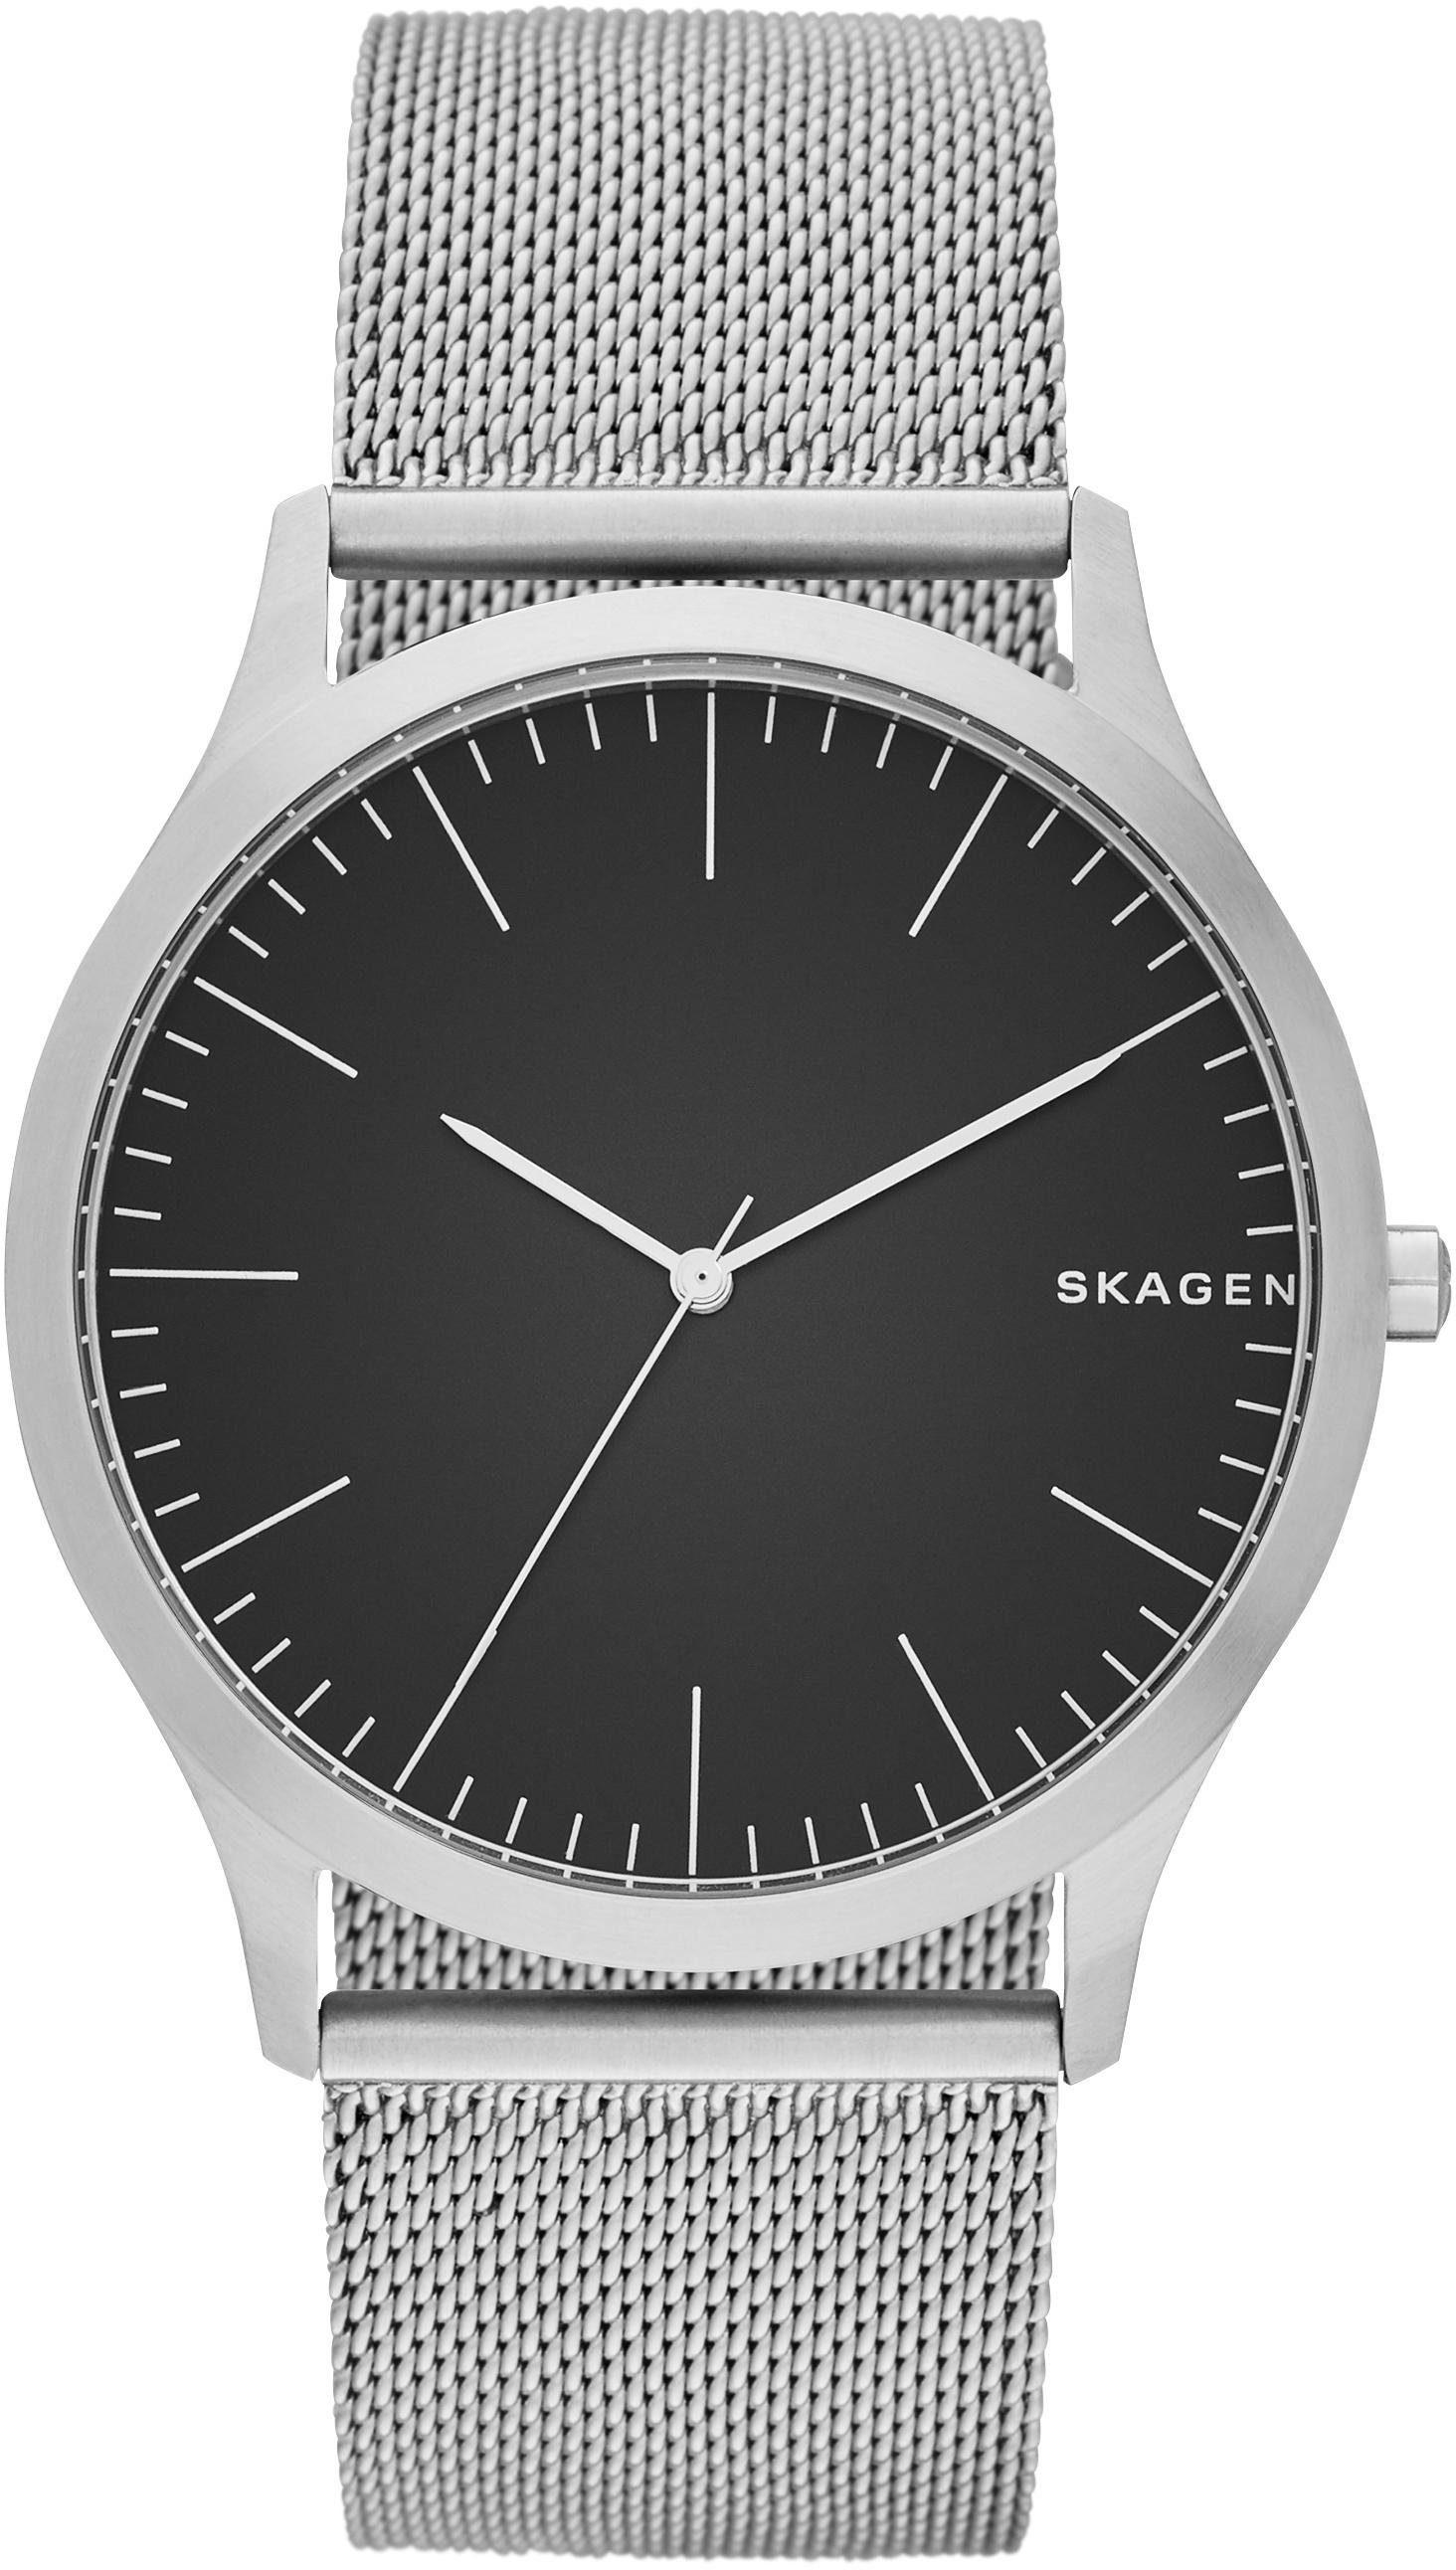 Skagen Quarzuhr »JORN, SKW6334«